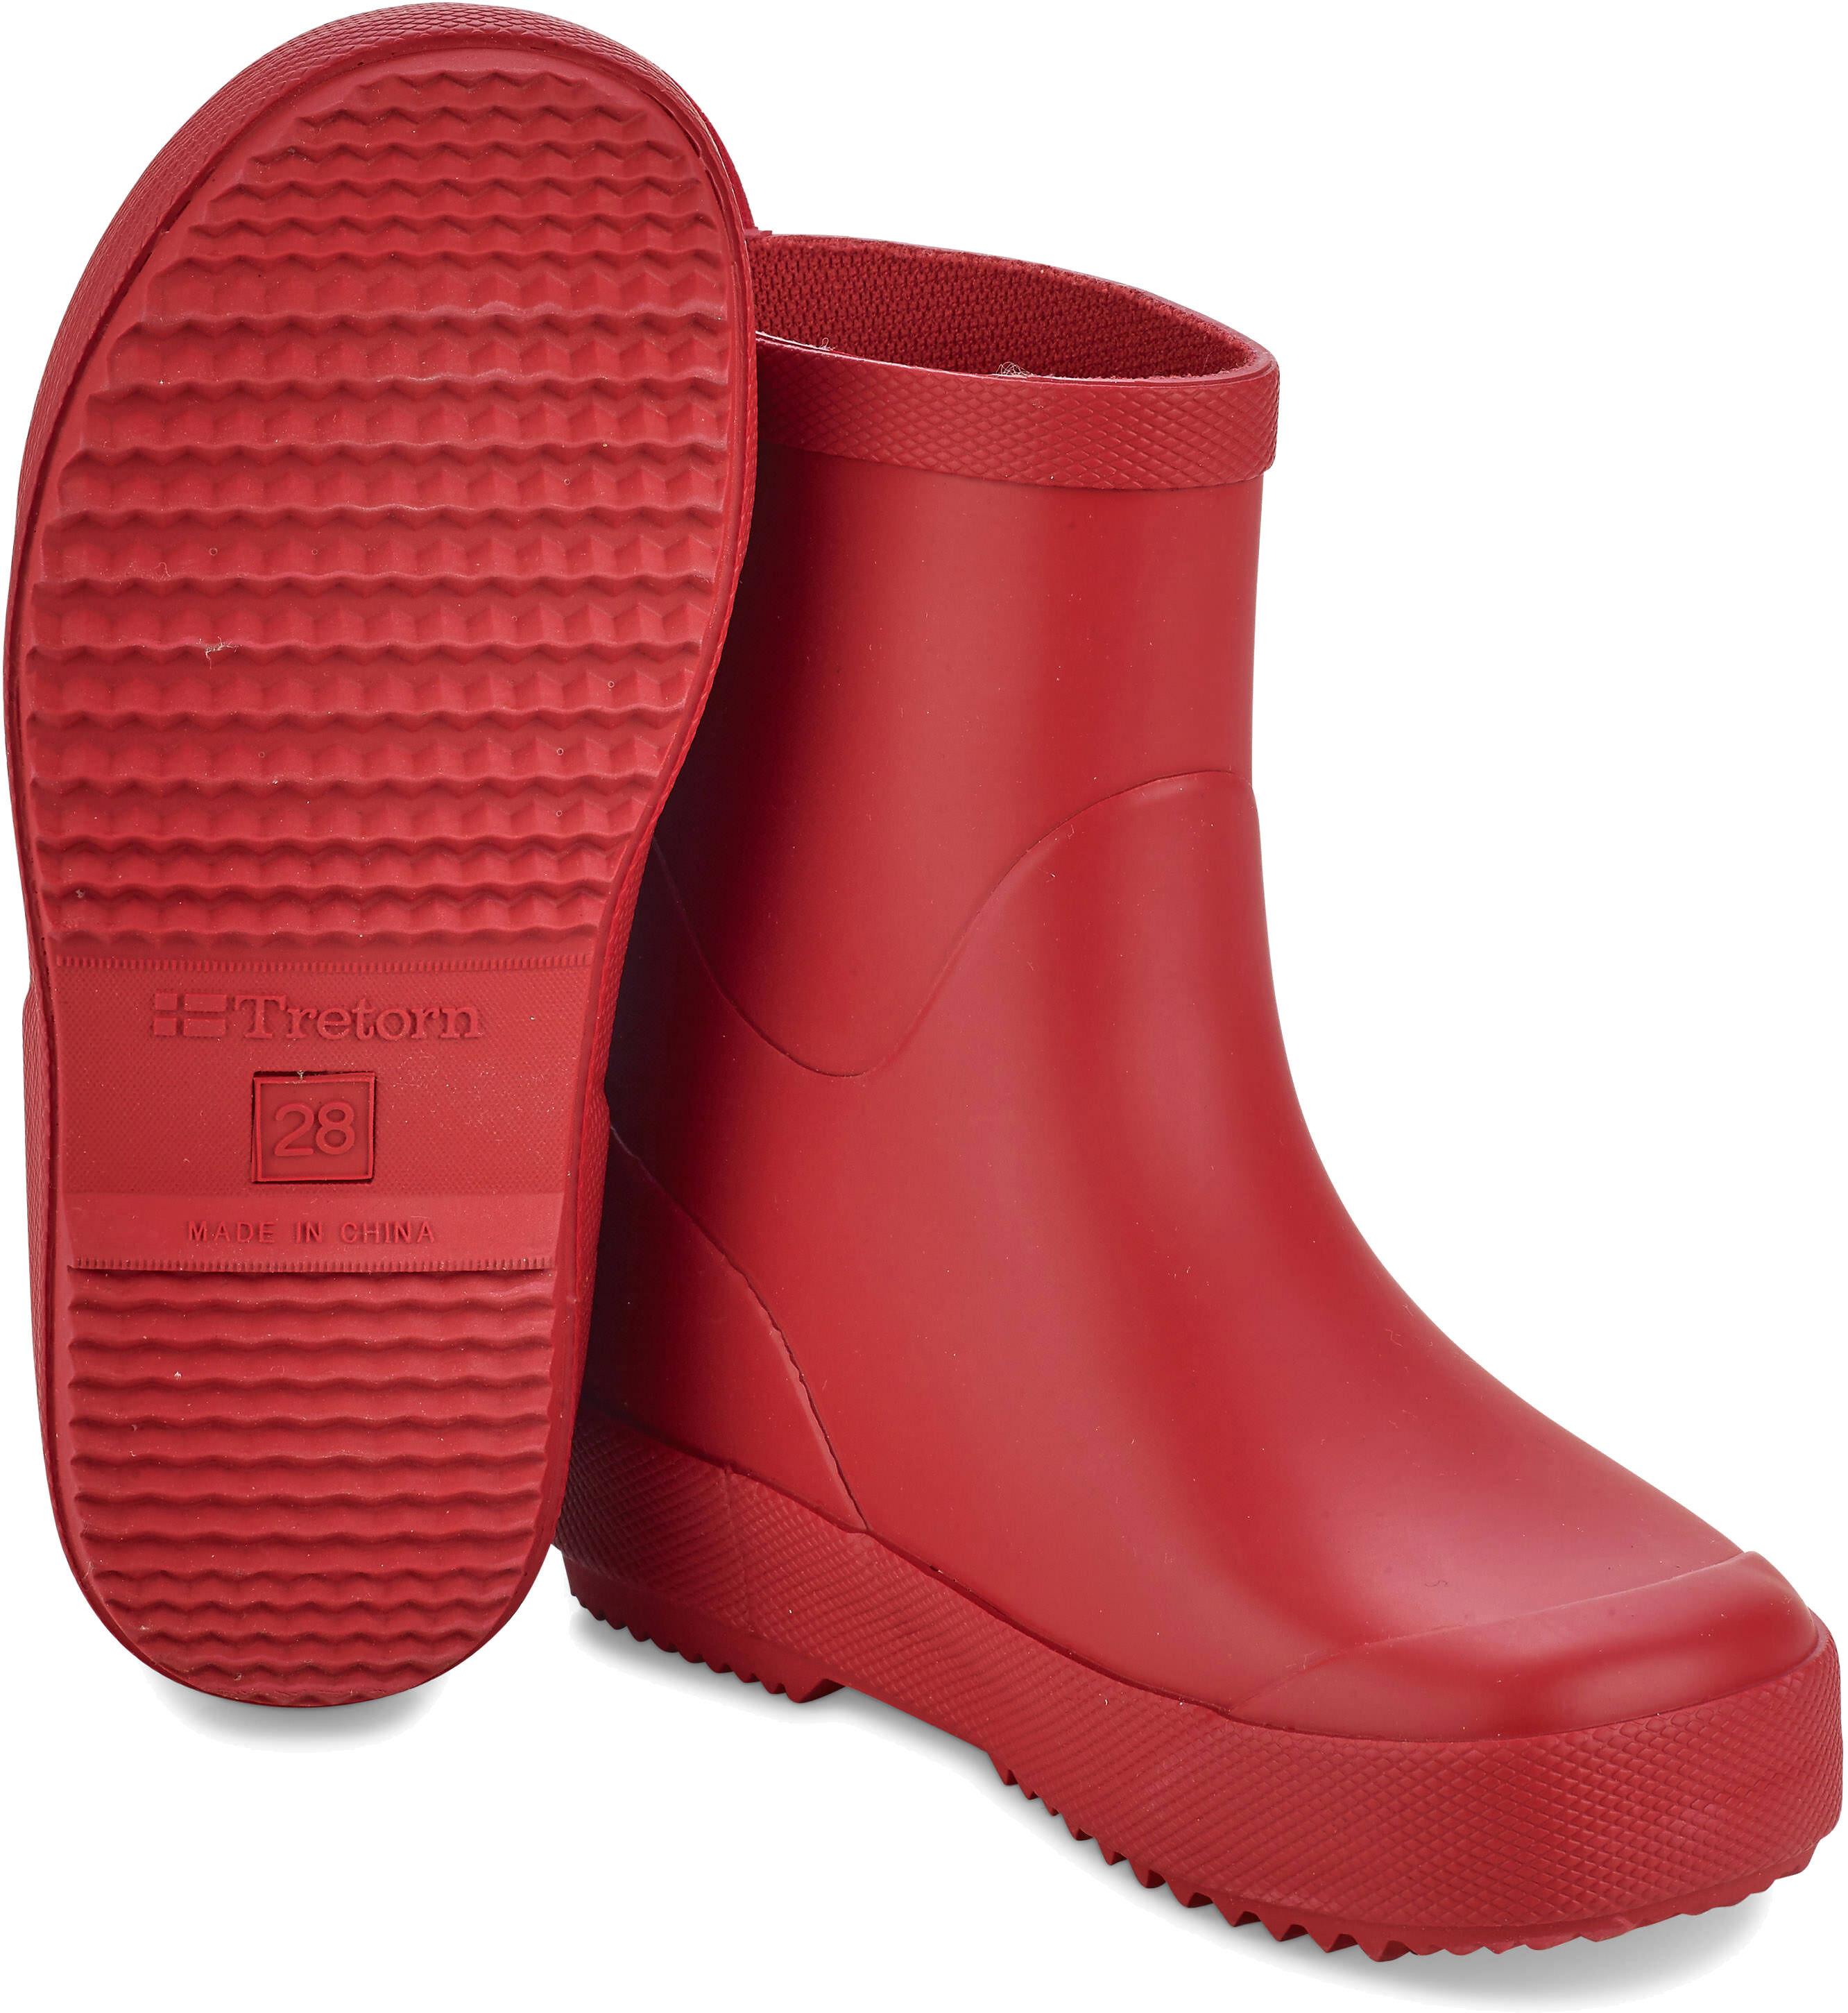 2780365e5e5 Tretorn Kids Wings Monochrome Rubber Boots Red - addnature.com